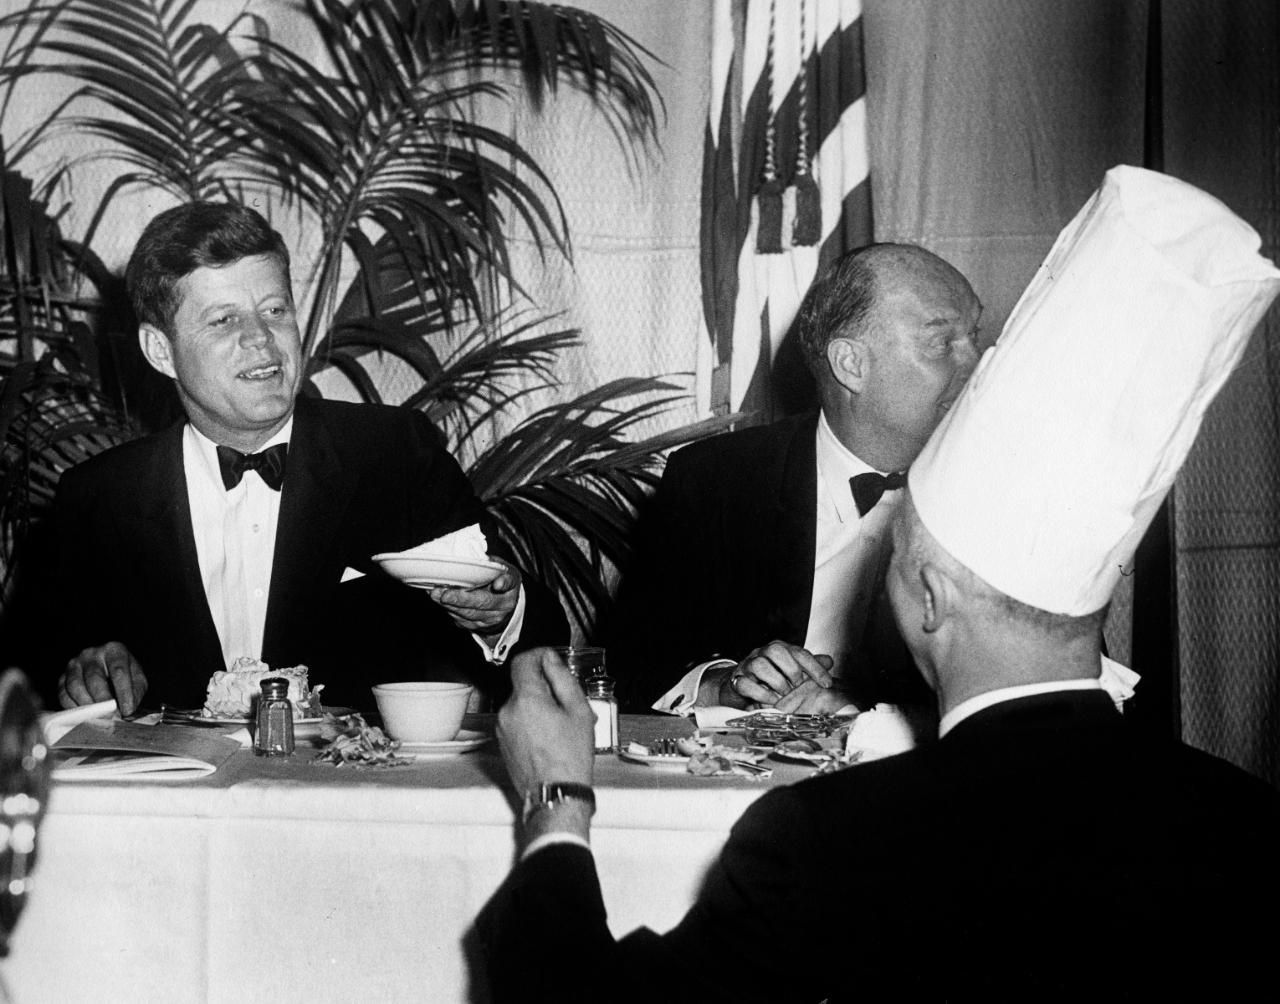 John F. Kennedy en una cena diplomática, Fotografía